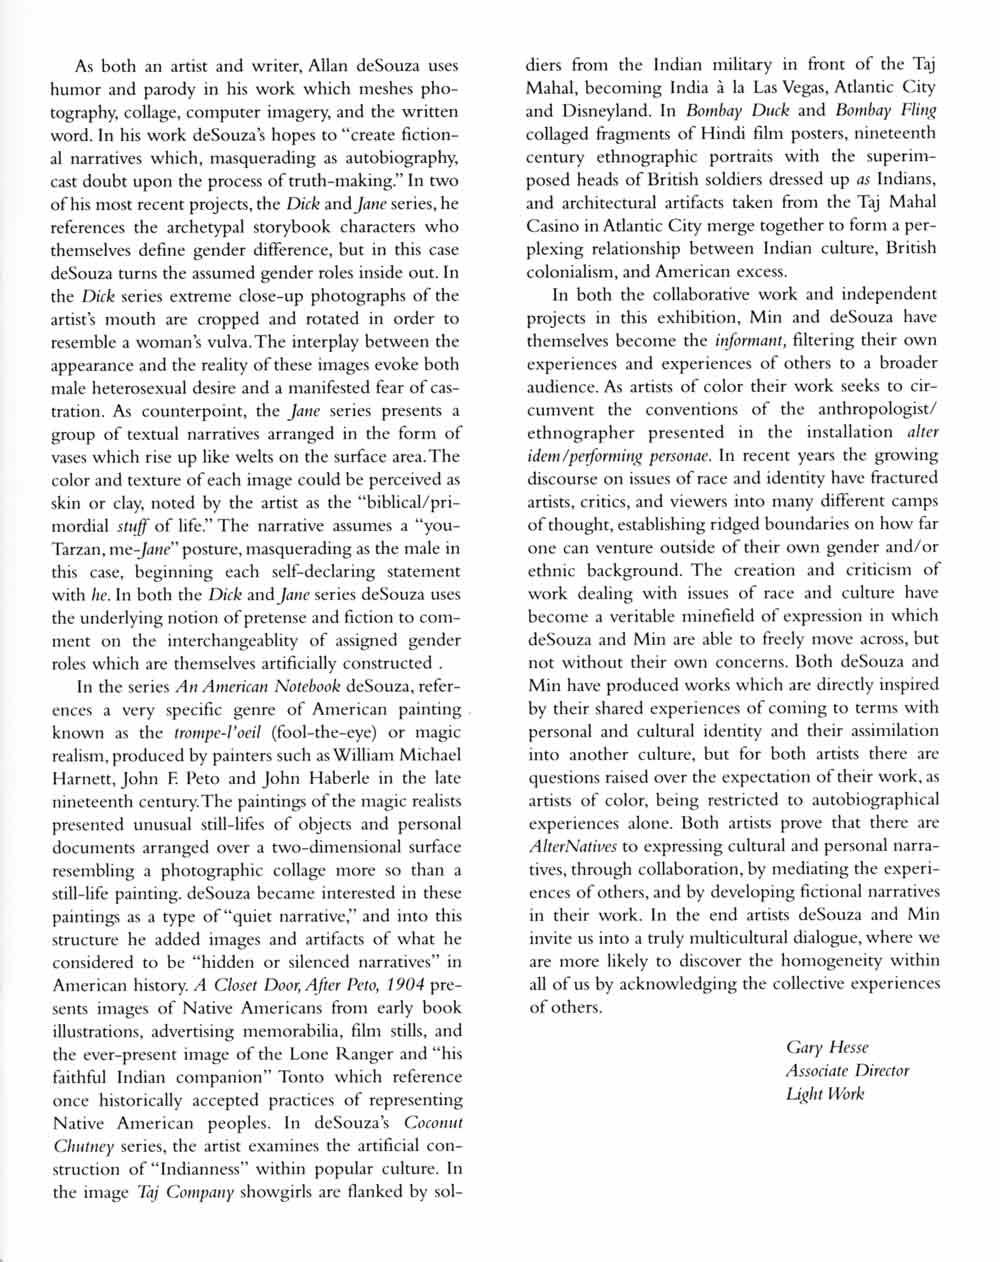 Alter Natives, pg 2